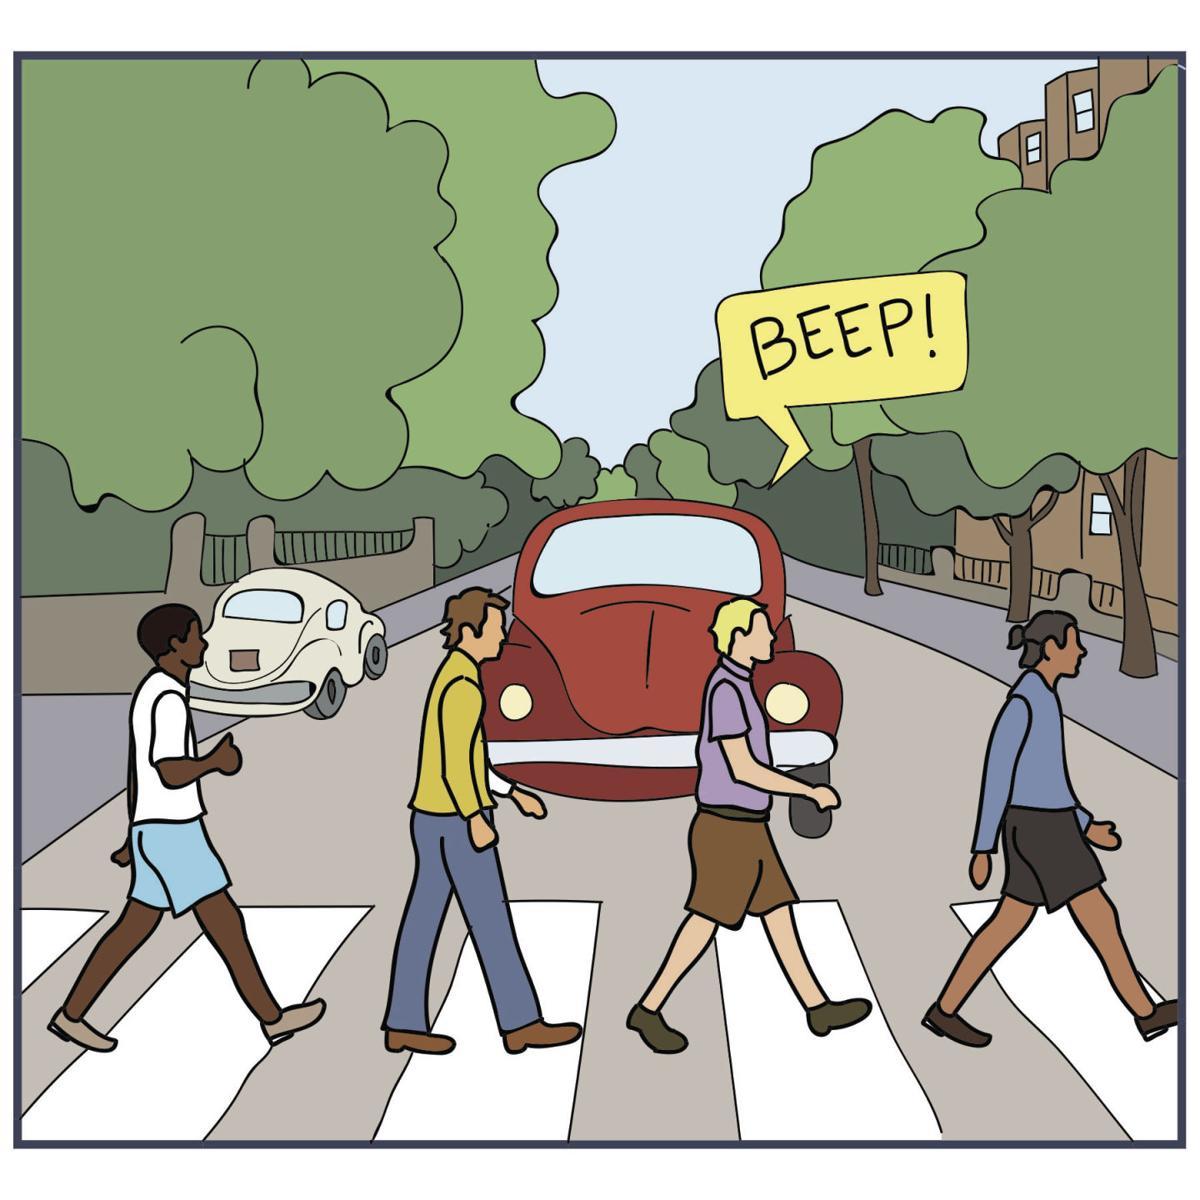 Cartoon: Pedestrian city | | lsureveille.com